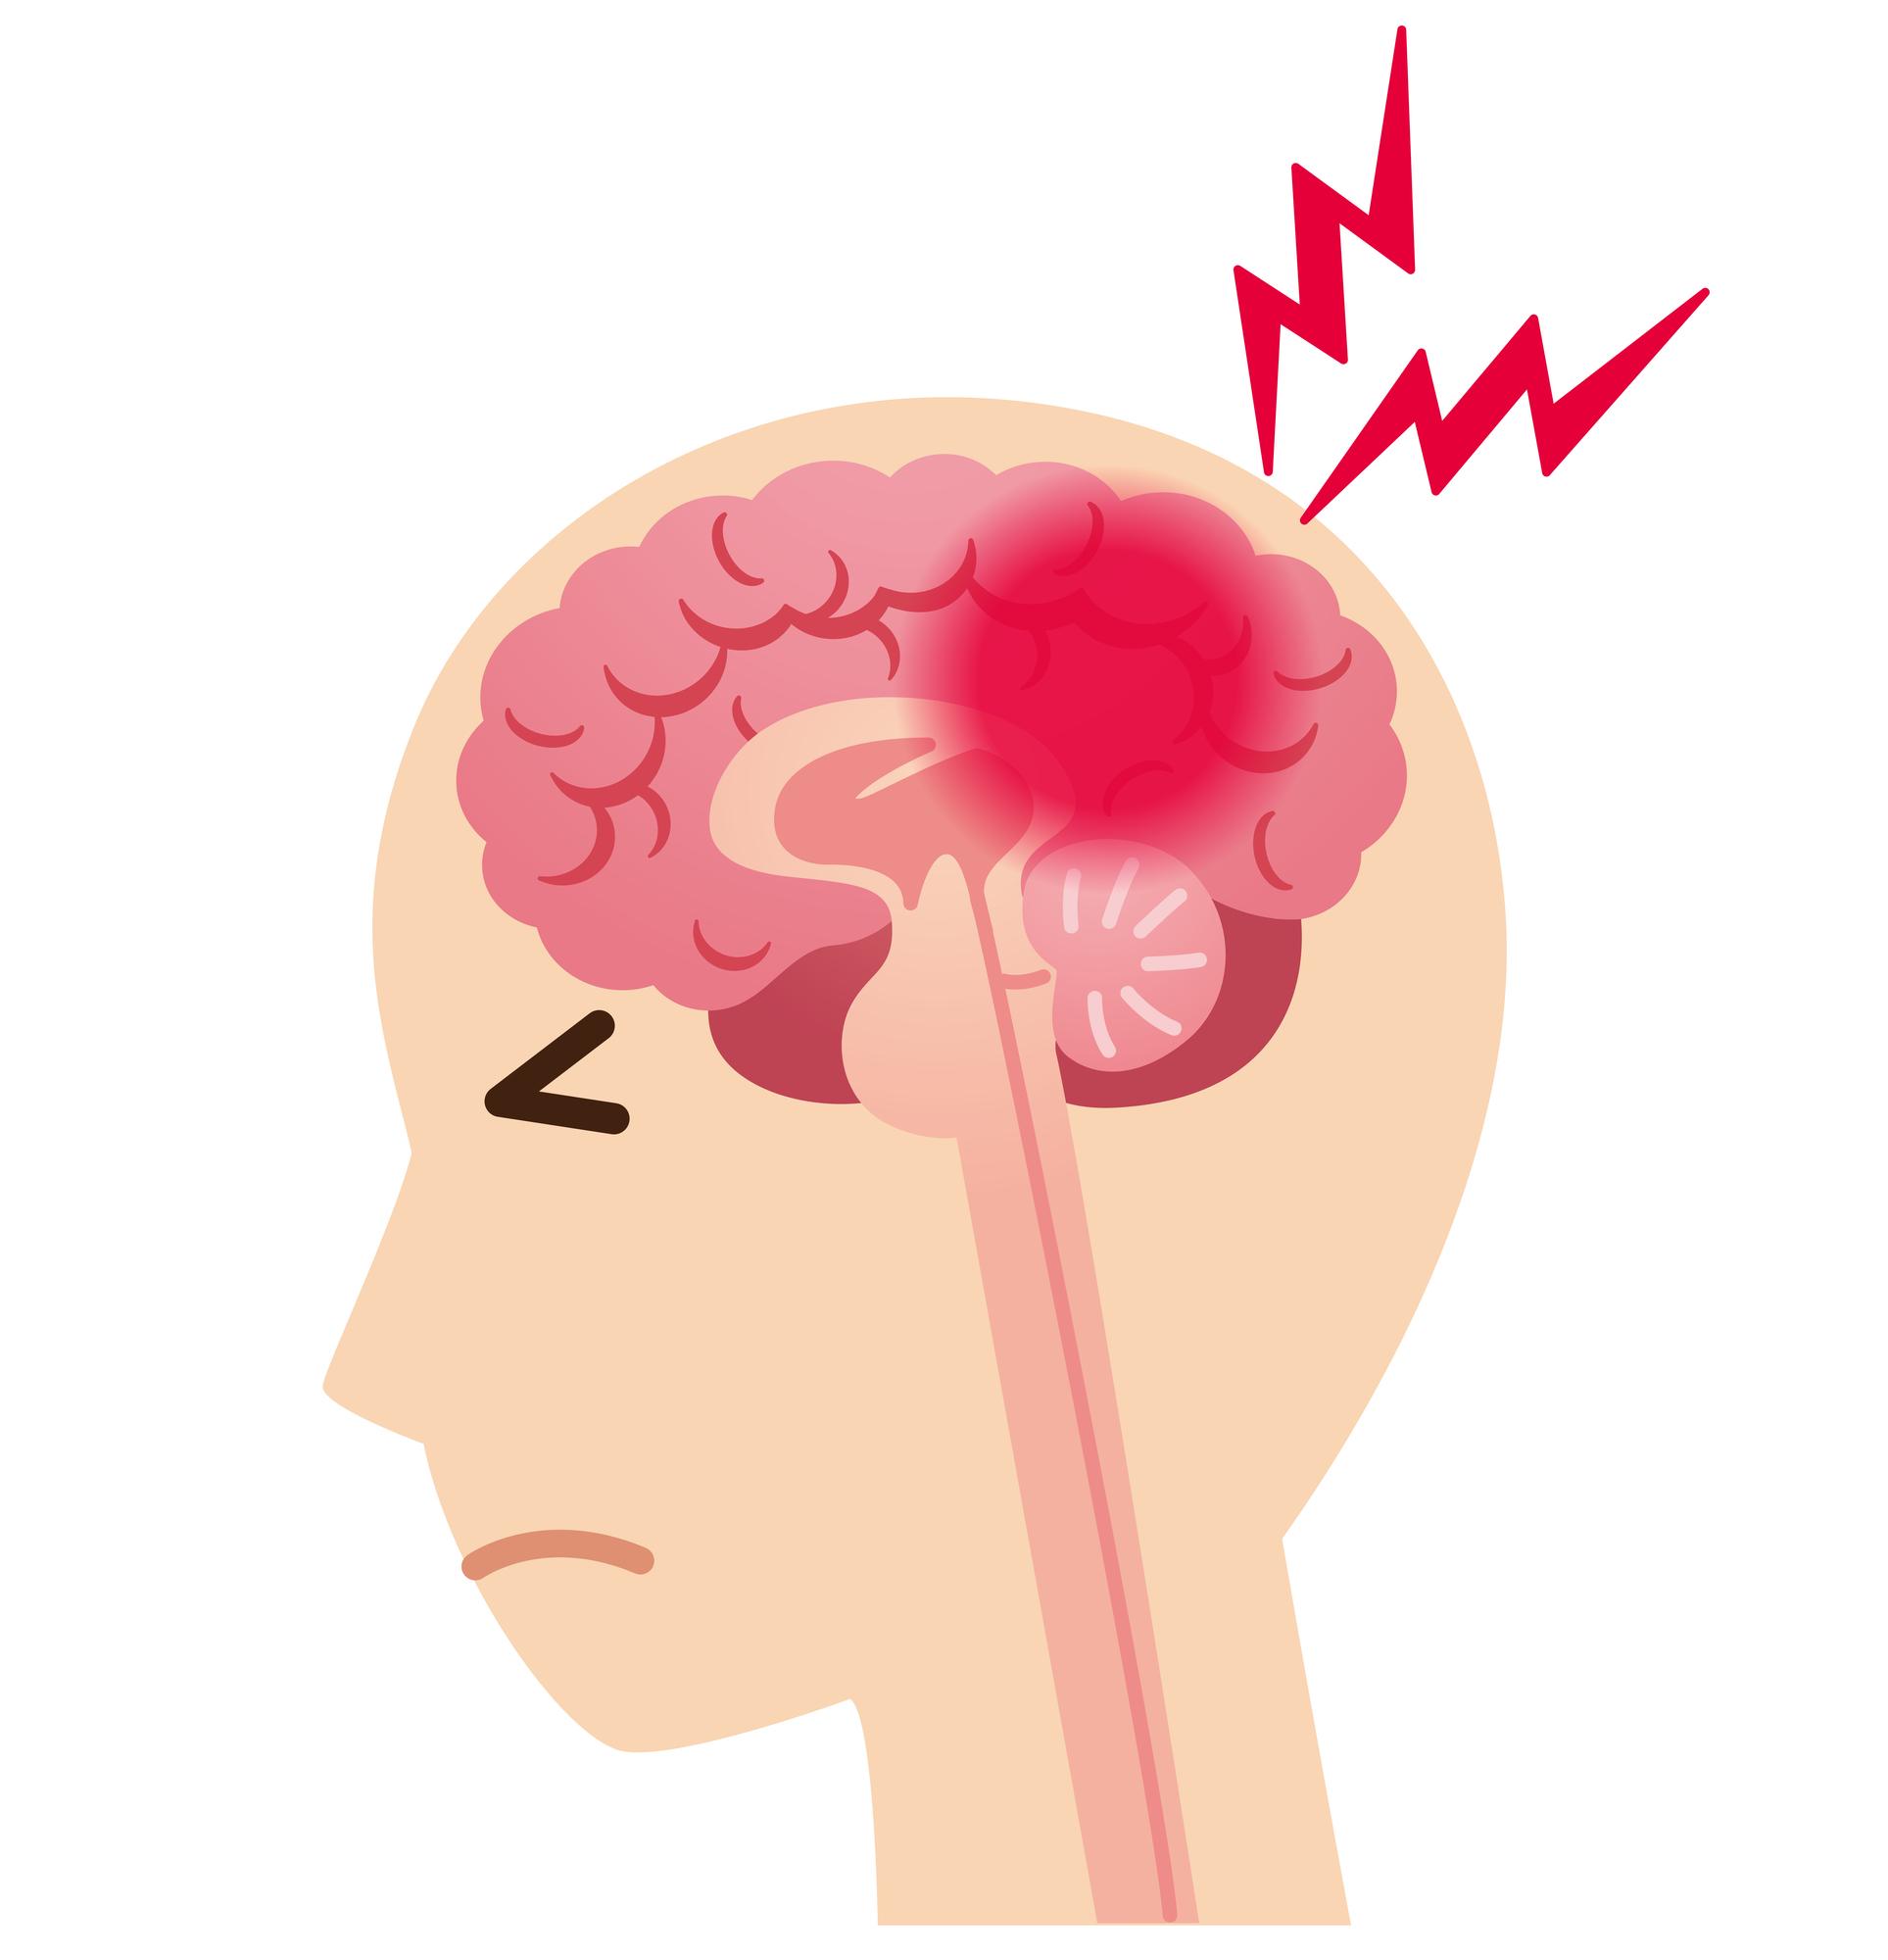 脳 梗塞 の 前兆 肩こり